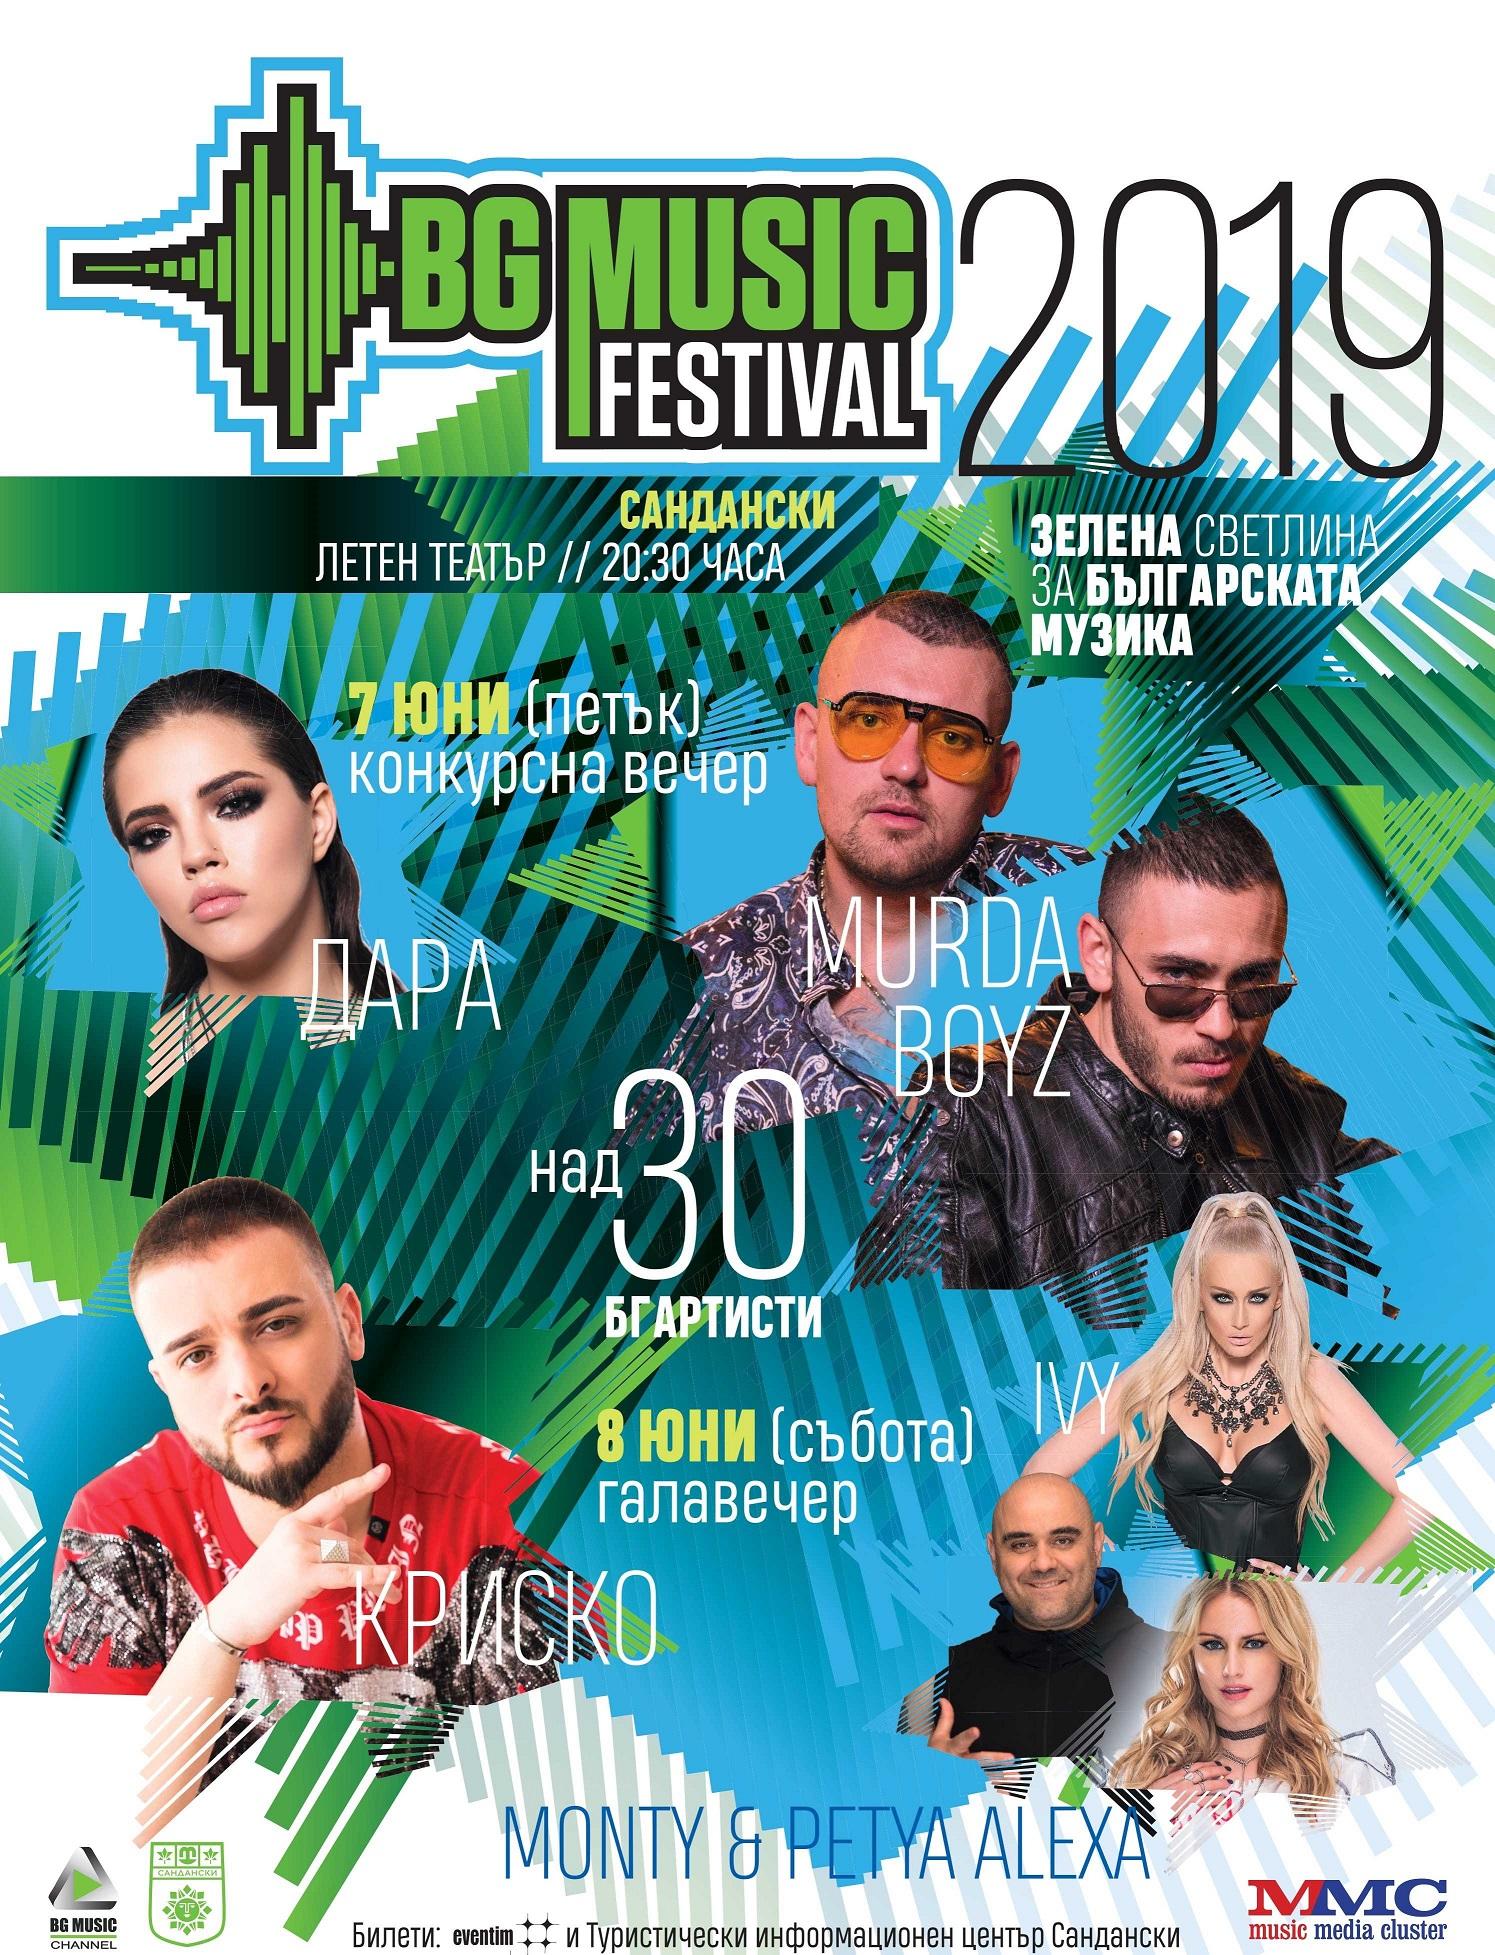 BG_Music_Festival-2019